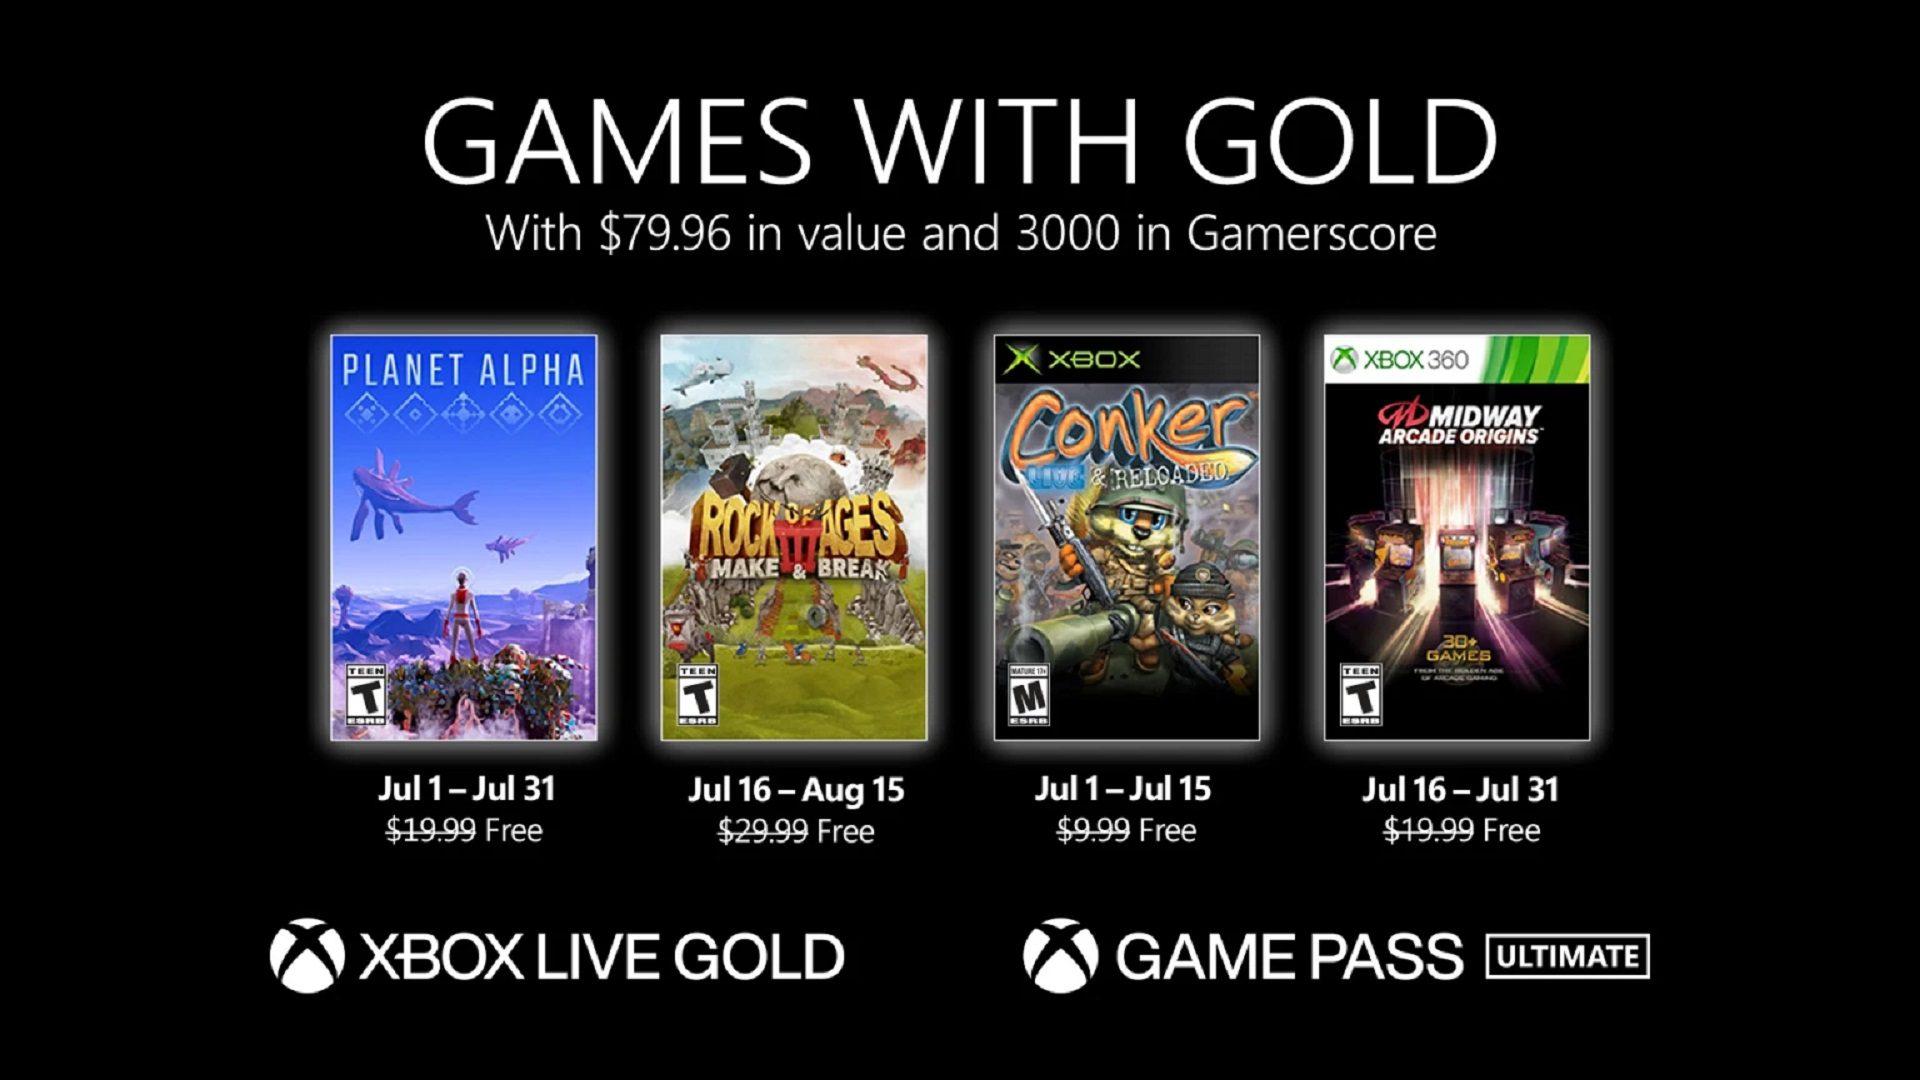 Revelados los juegos con Gold del mes de julio para Xbox - Como era de esperar, antes de finalizar el mes Microsoft ha anunciado los juegos con Gold del mes de julio para Xbox.